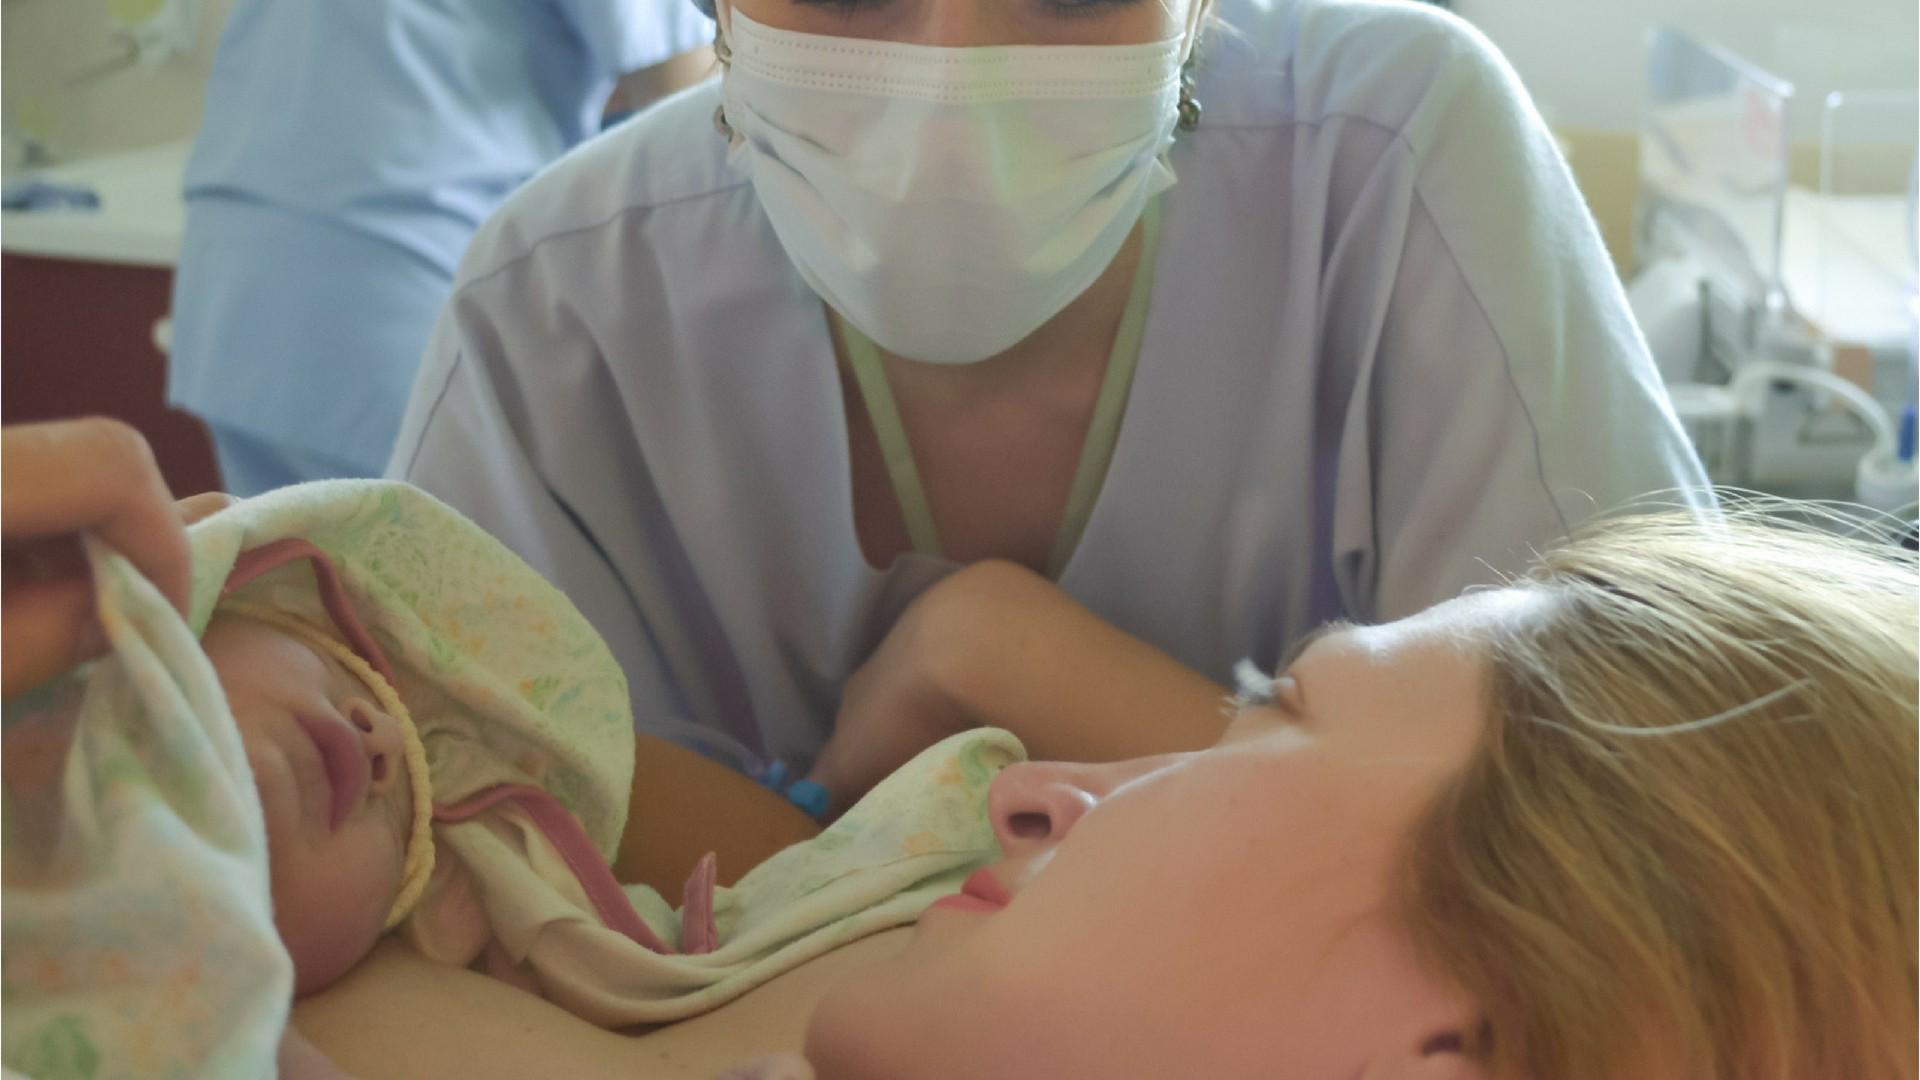 Hand-Fehlbildung bei Neugeborenen